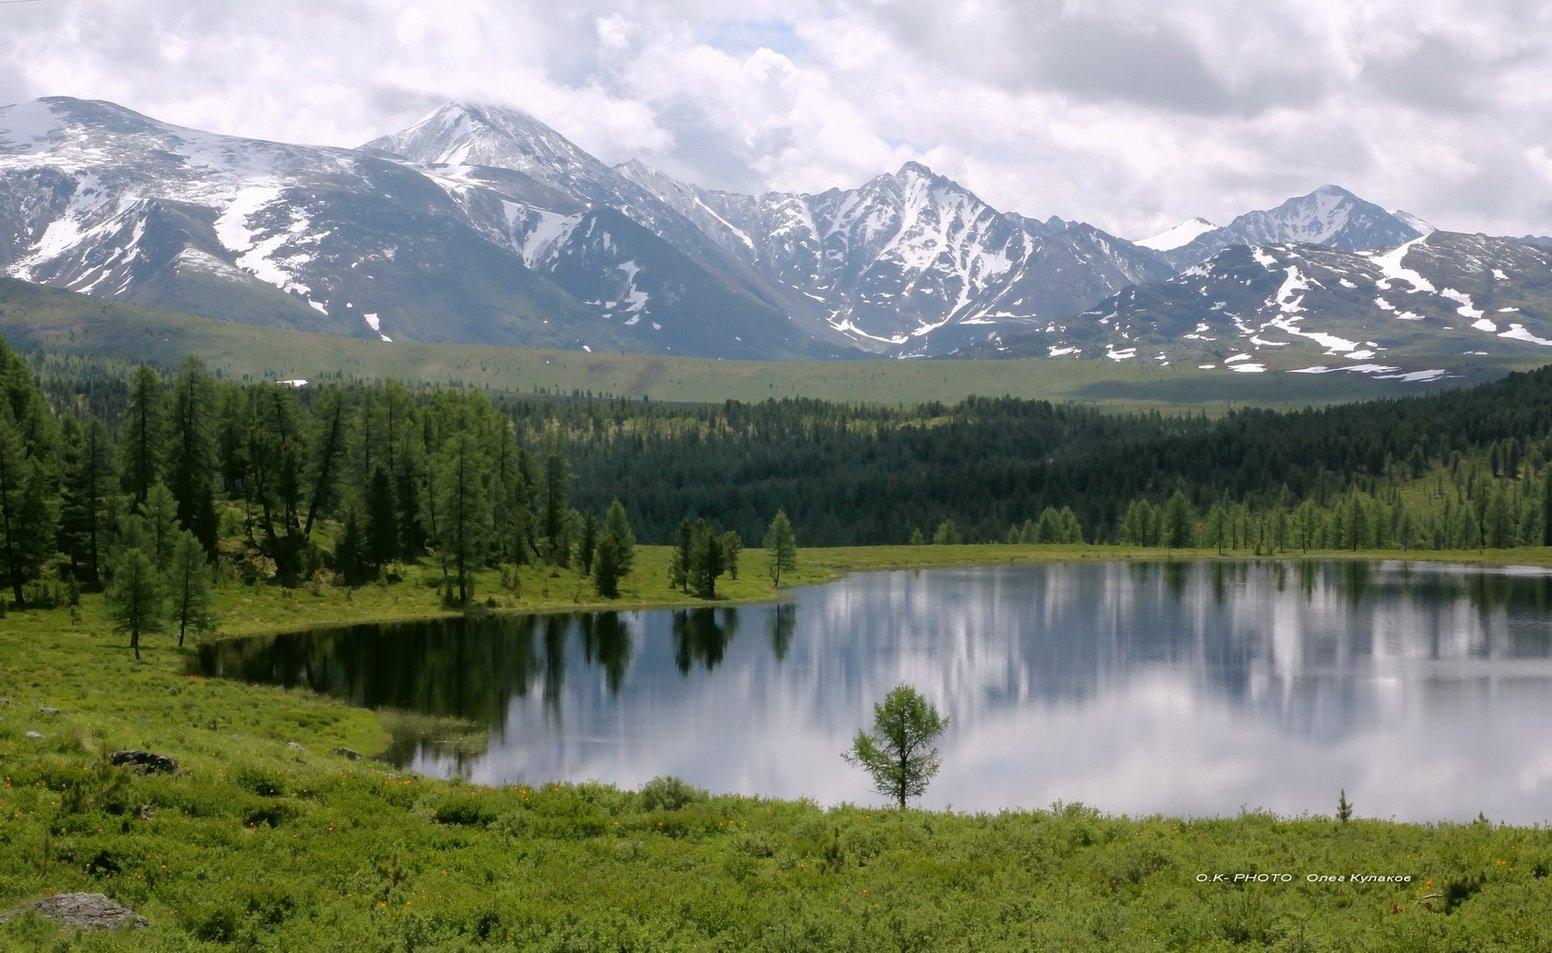 улаган.озеро, на, перевале.озеро.алтай.горный, алтай.июнь        горы      олег кулаков   oleg kulakov   ok-photo, Олег Кулаков